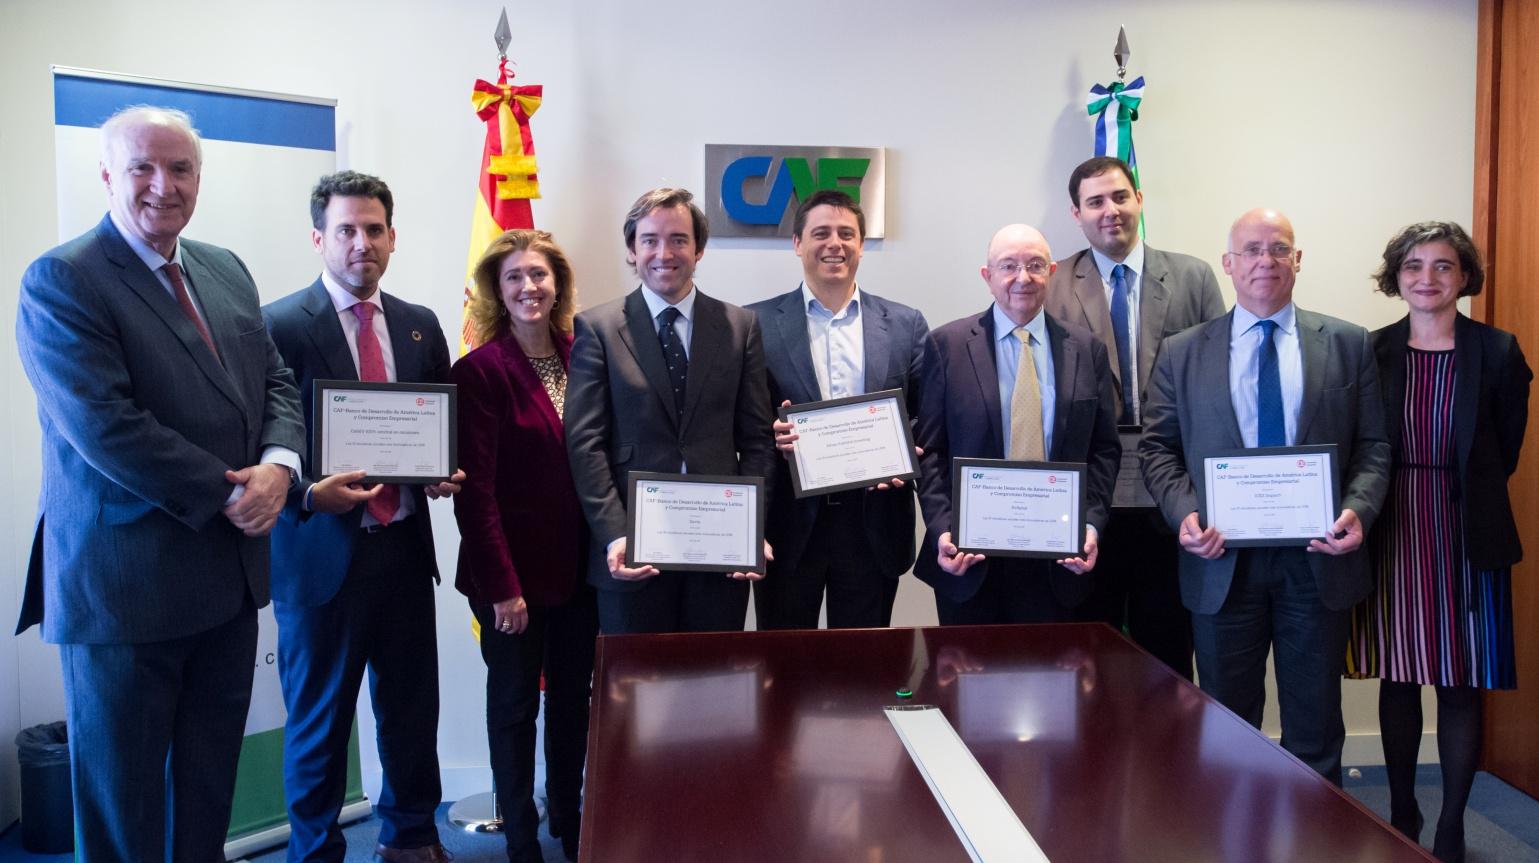 Generación SAVIA Premio Iniciativa social más innovadora 2018